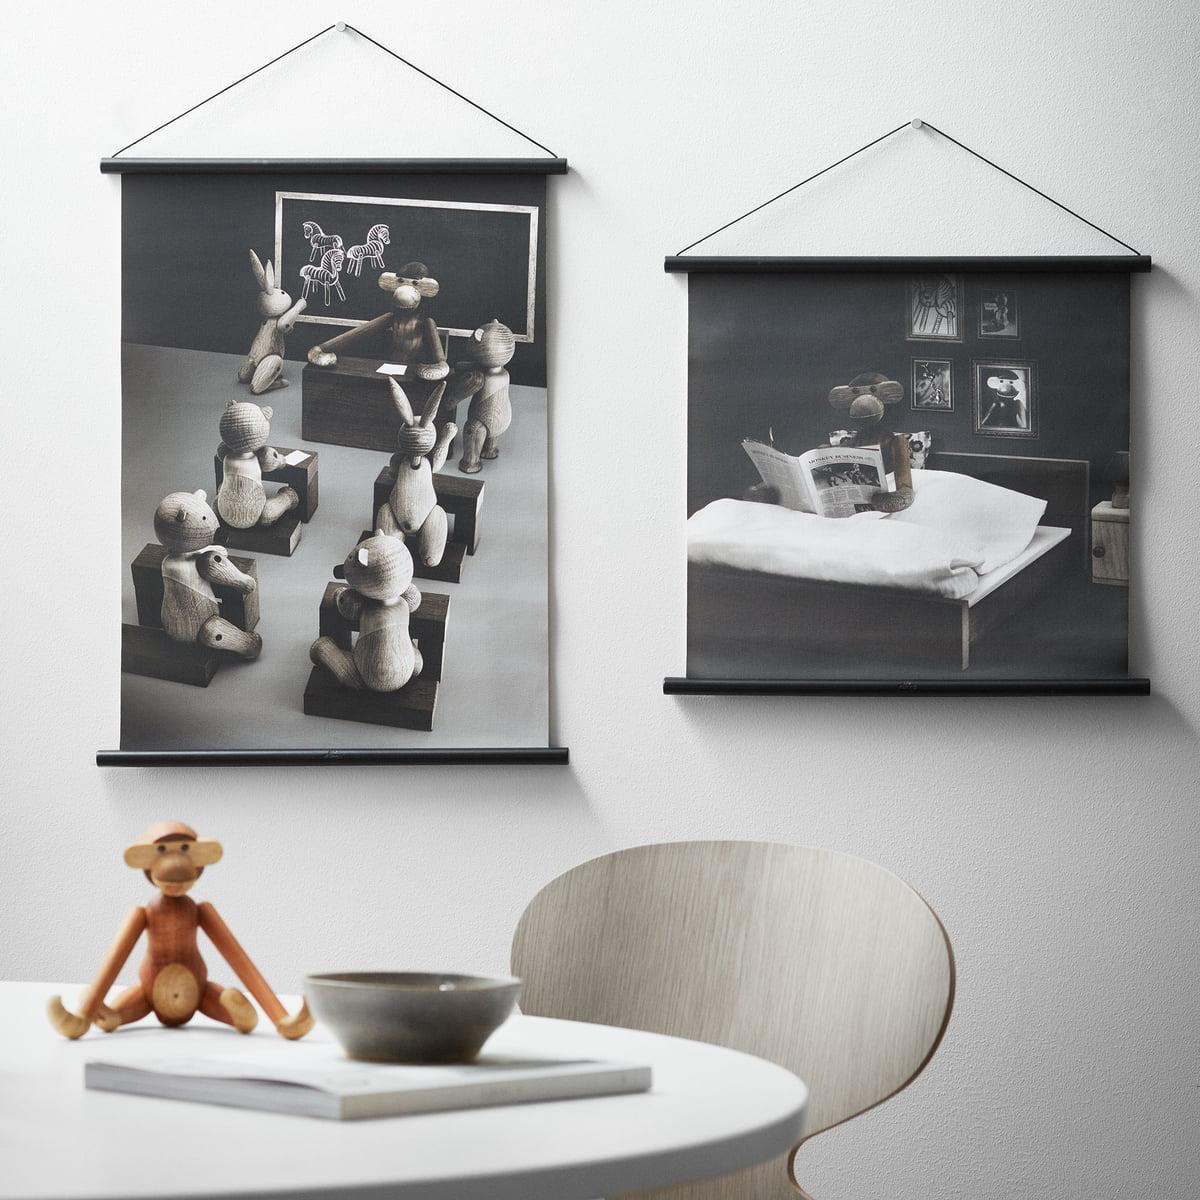 affe foto klassenzimmer inkl rahmen von kay bojesen. Black Bedroom Furniture Sets. Home Design Ideas